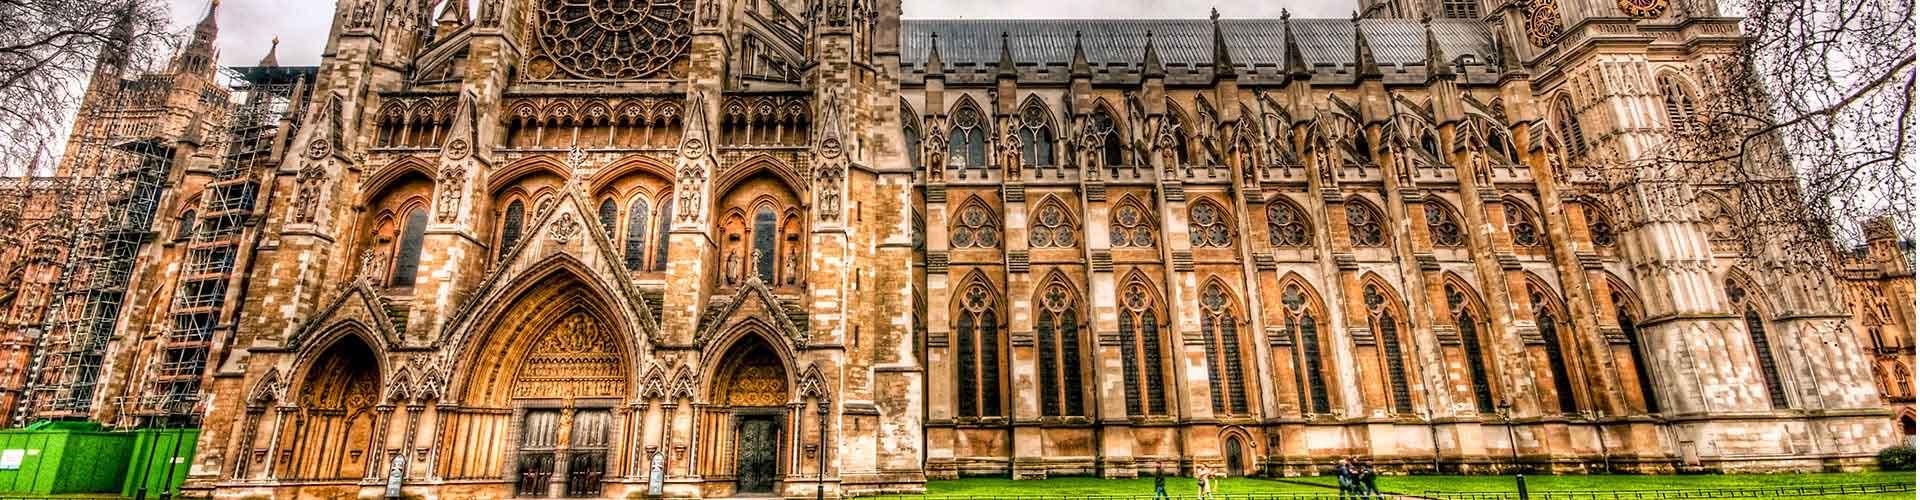 Londres - Auberges de jeunesse près de Westminster Abbey. Cartes pour Londres, photos et commentaires pour chaque auberge de jeunesse à Londres.